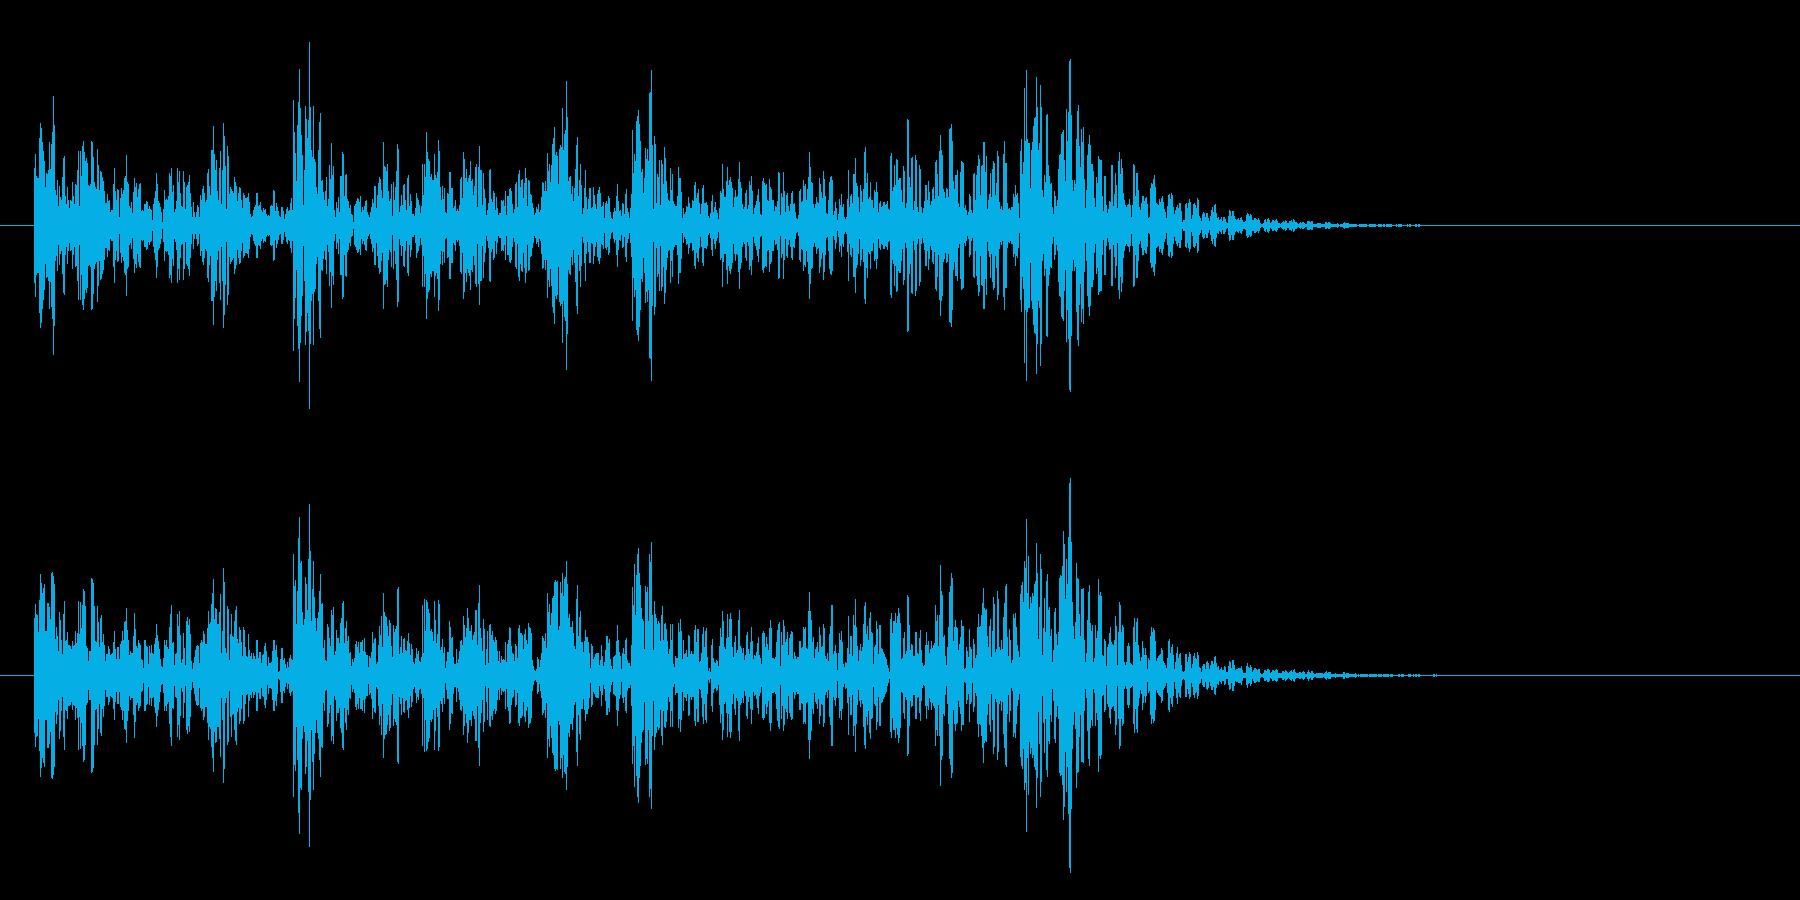 和太鼓アフリカ版Dunのフレーズ音+FXの再生済みの波形